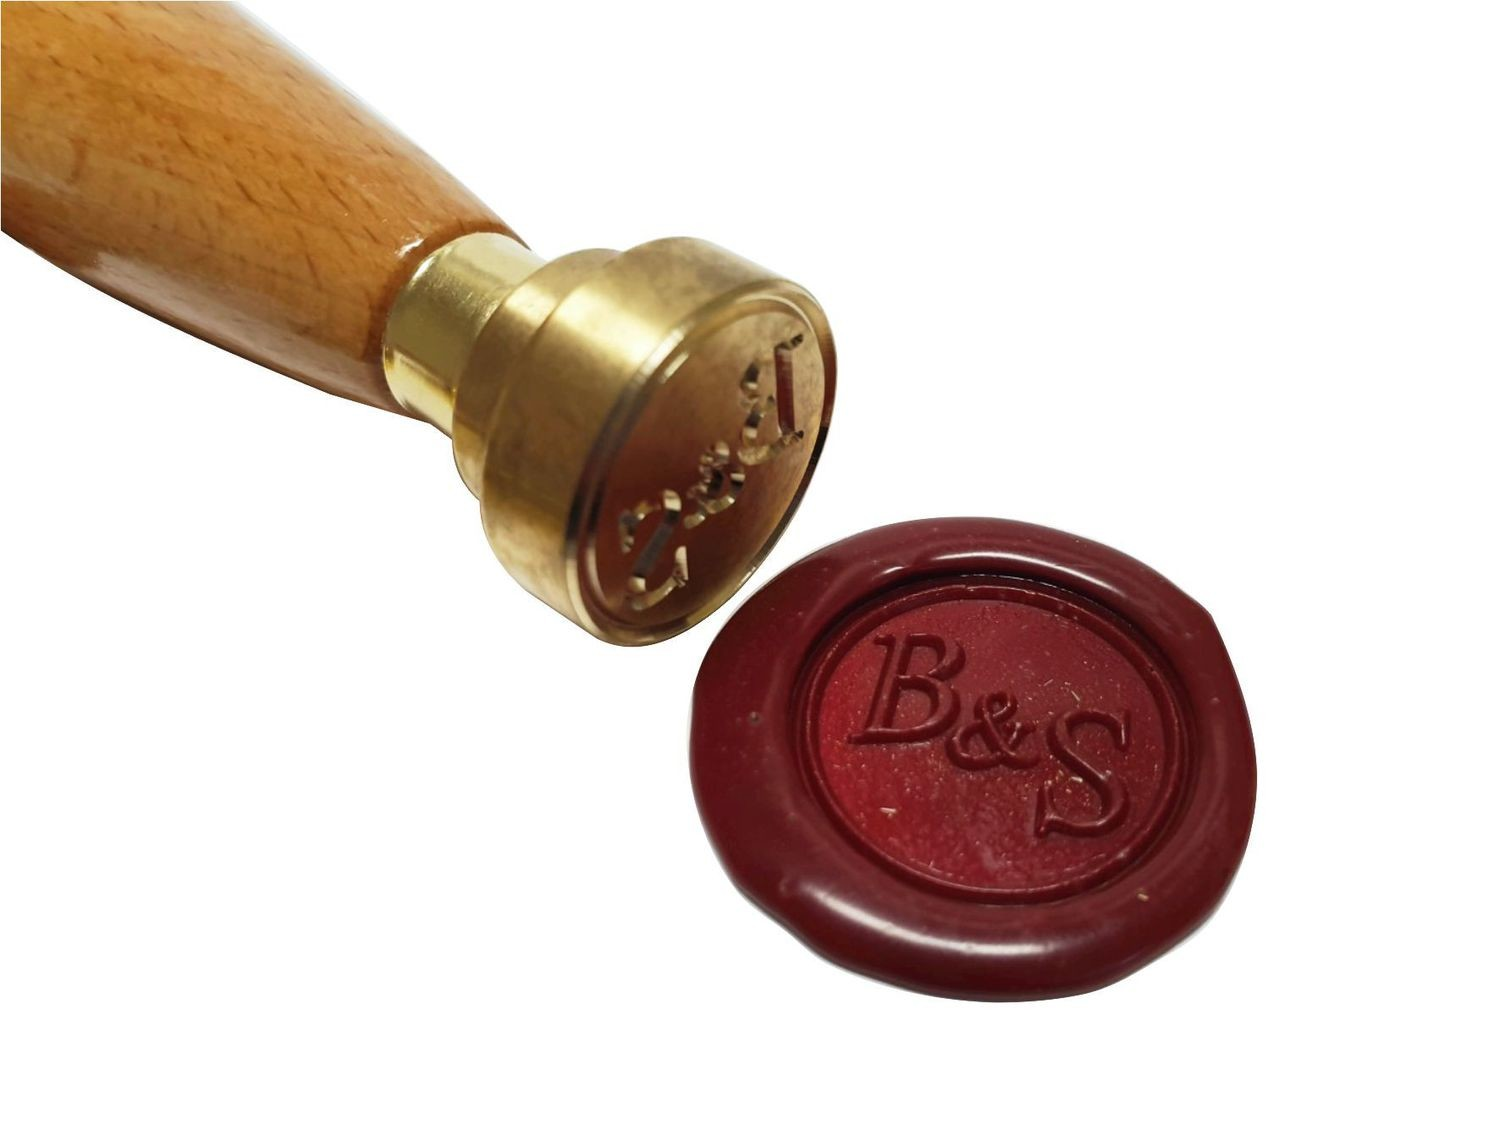 10 Stk. Selbstklebende Siegel mit Monogramm und Zierrand